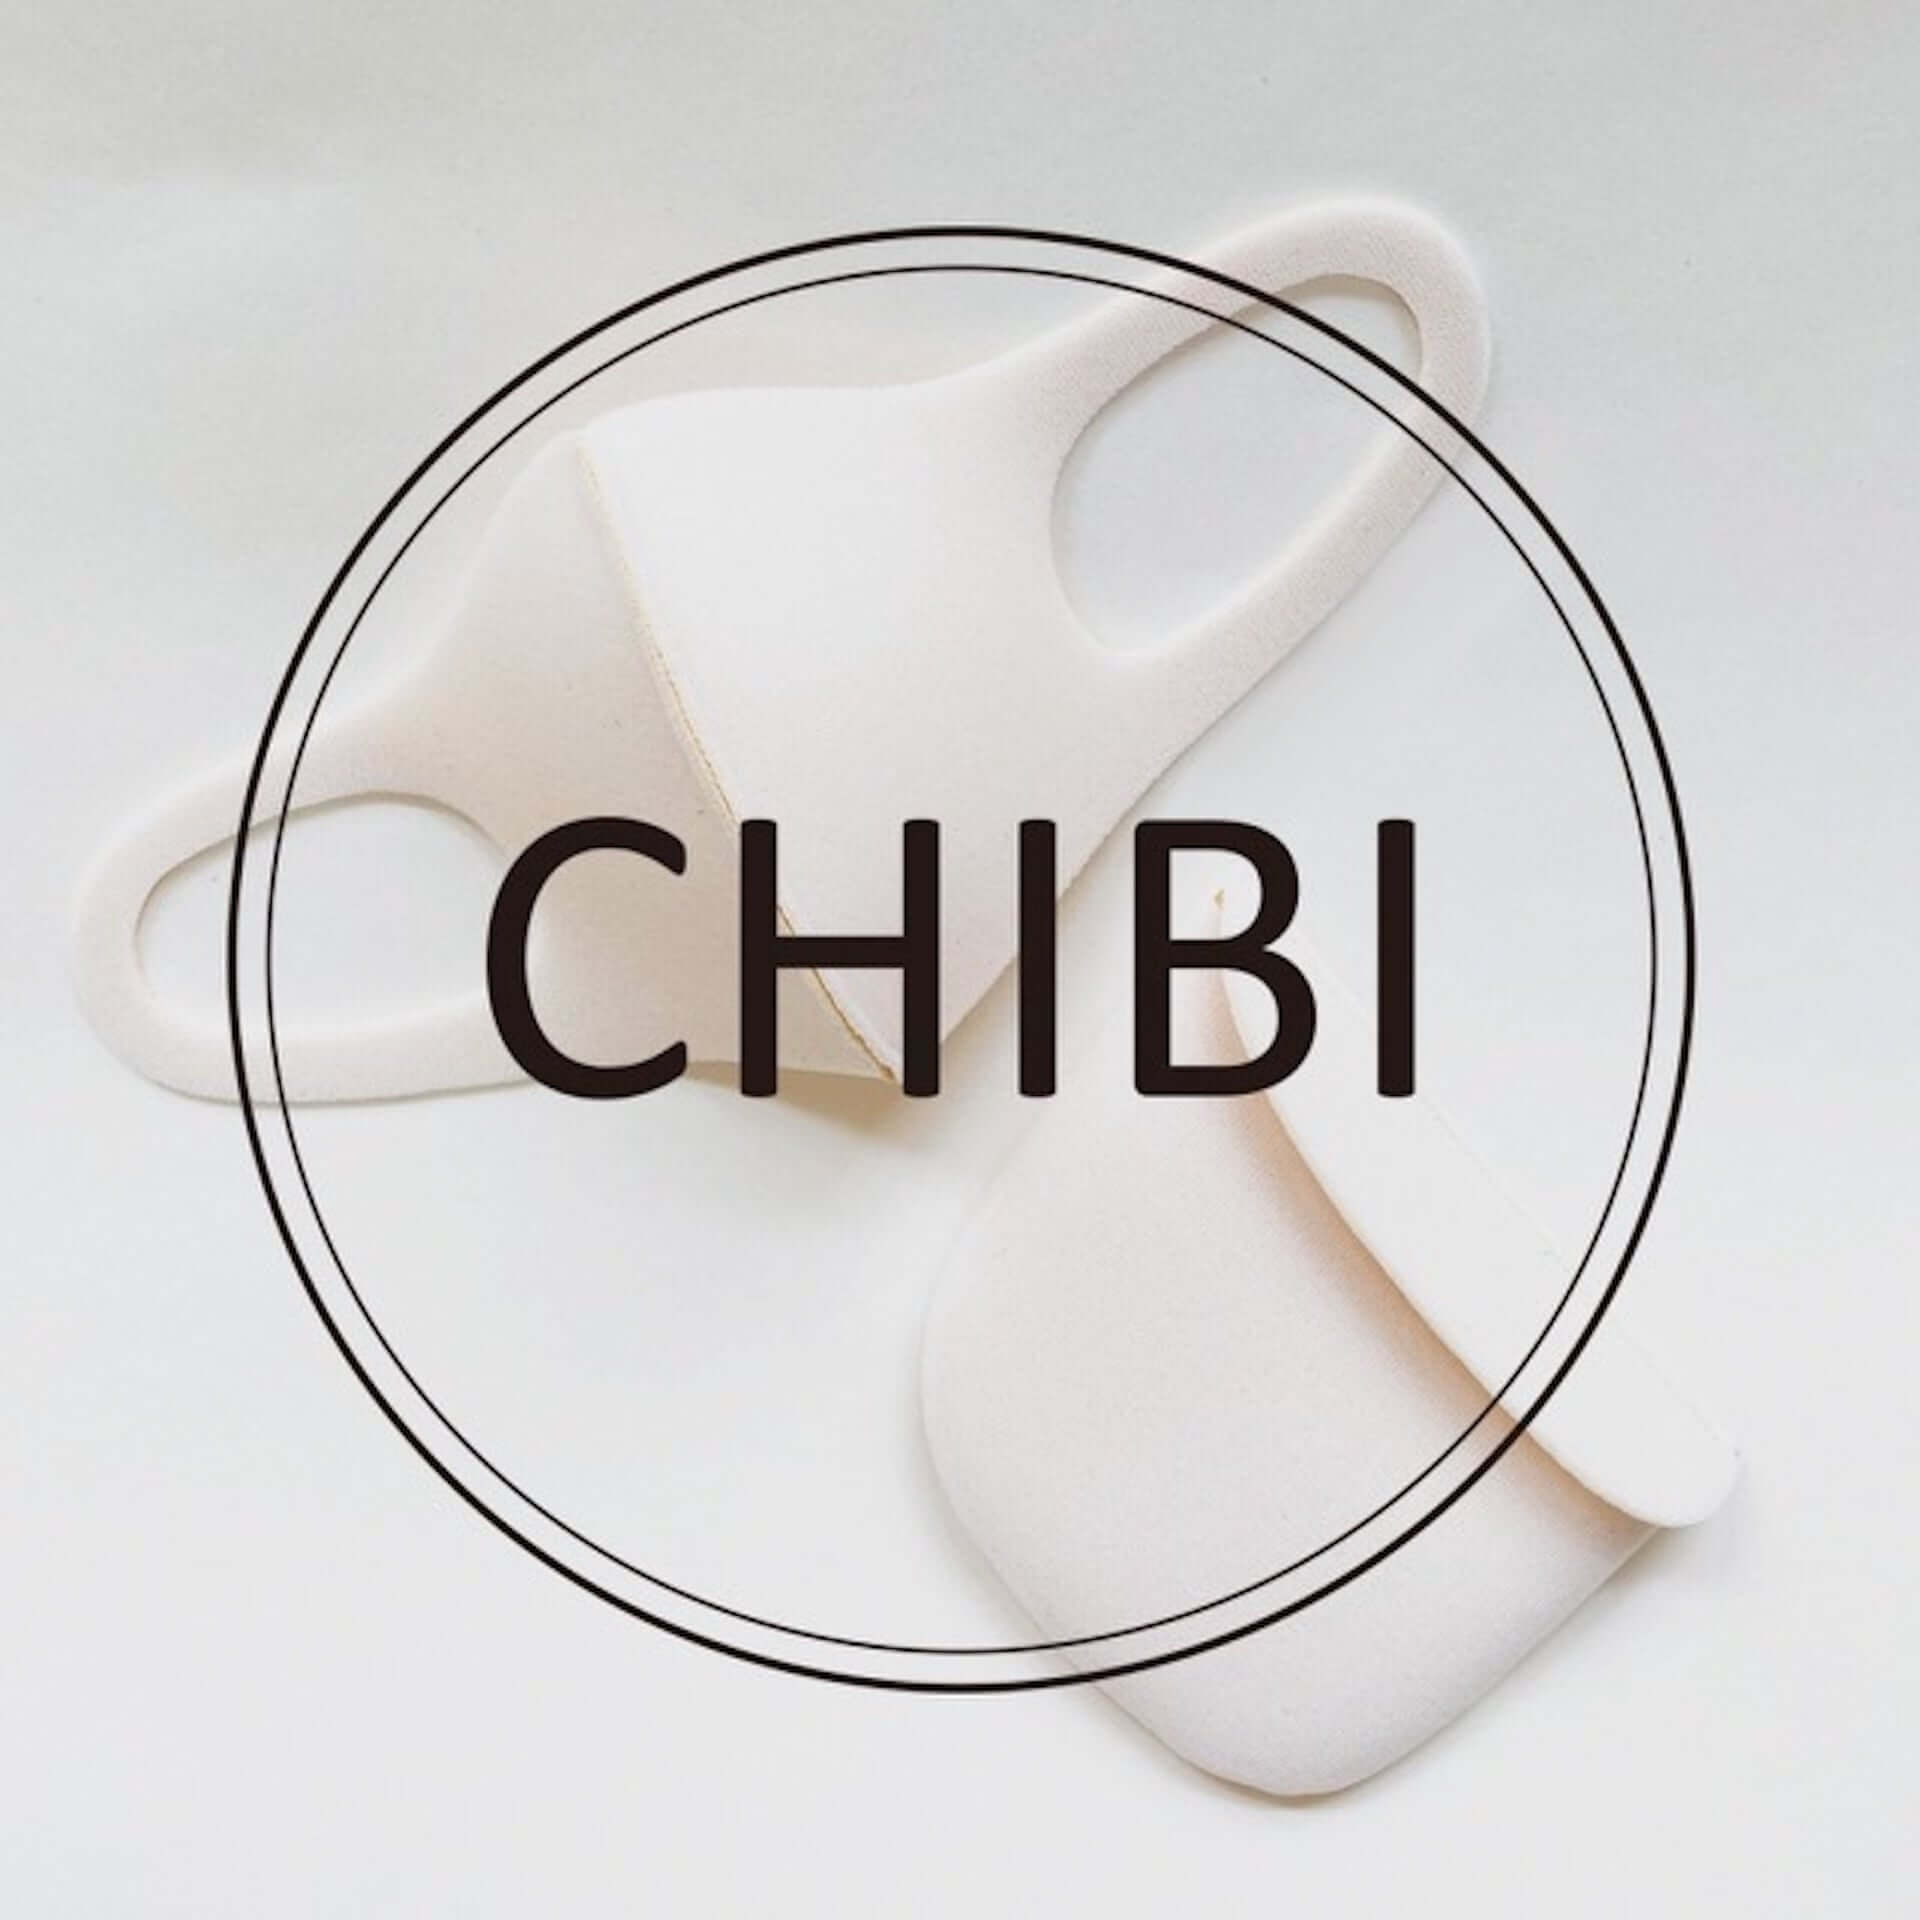 洗える小さめマスク『OCHIBIマスク』がForemos_marcoから登場|小柄・小顔な女性におすすめ lf200521_ochibi_mask_2-1920x1920